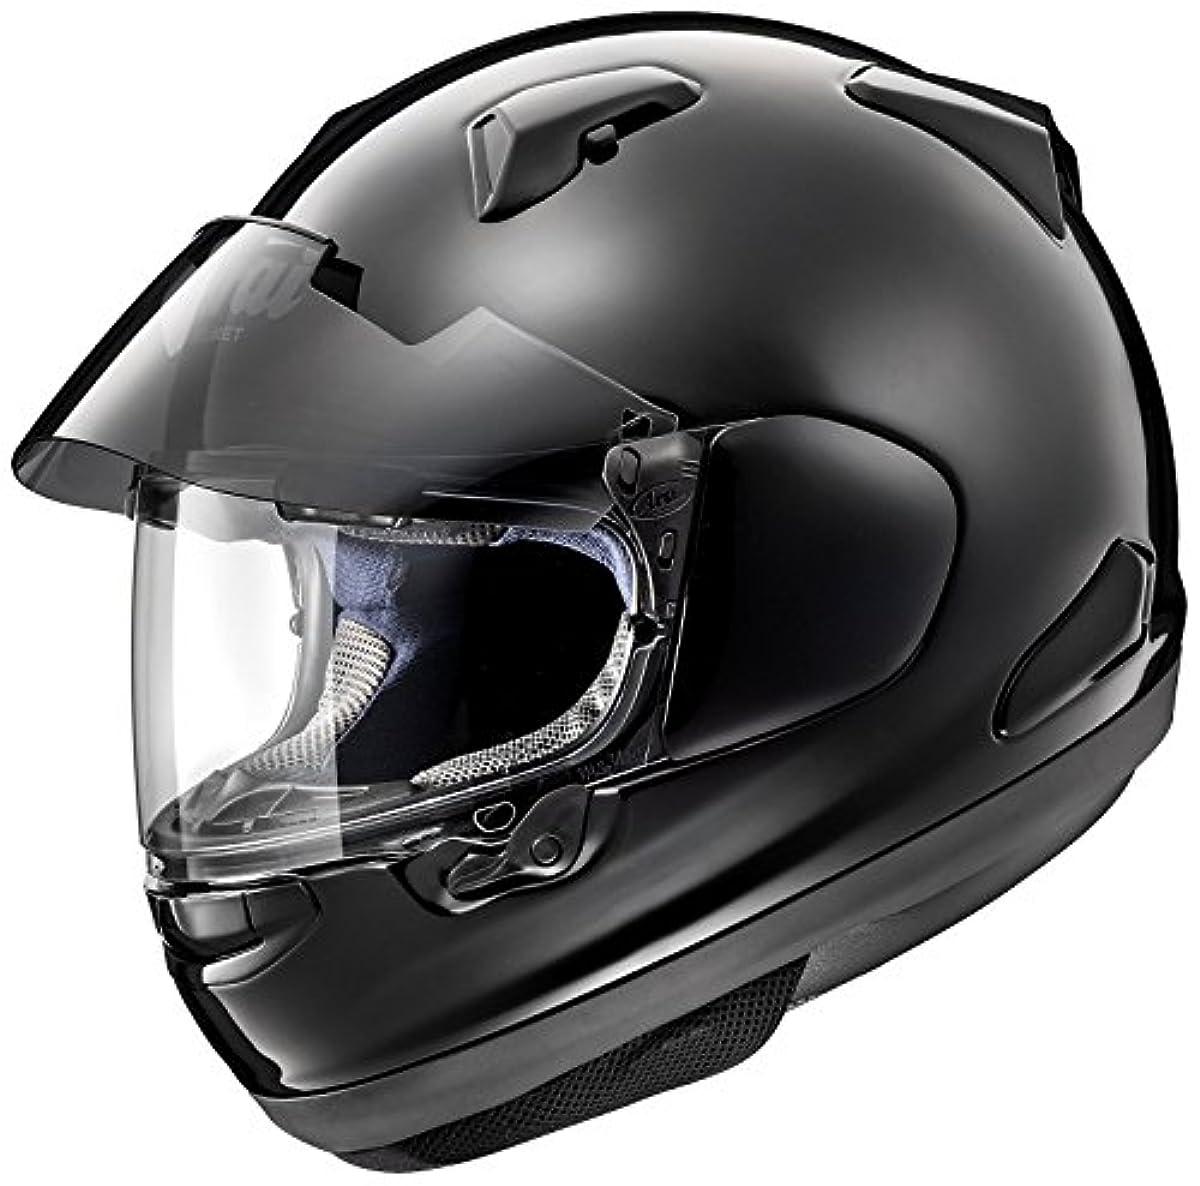 [해외] 아라이 (ARAI 아라이 헬멧) 풀 페이스 헬멧 아스 트럴-X 글래스 블랙 54CM (핀 그린 씨트120(클리어)부착) ASTRAL-X-GB54